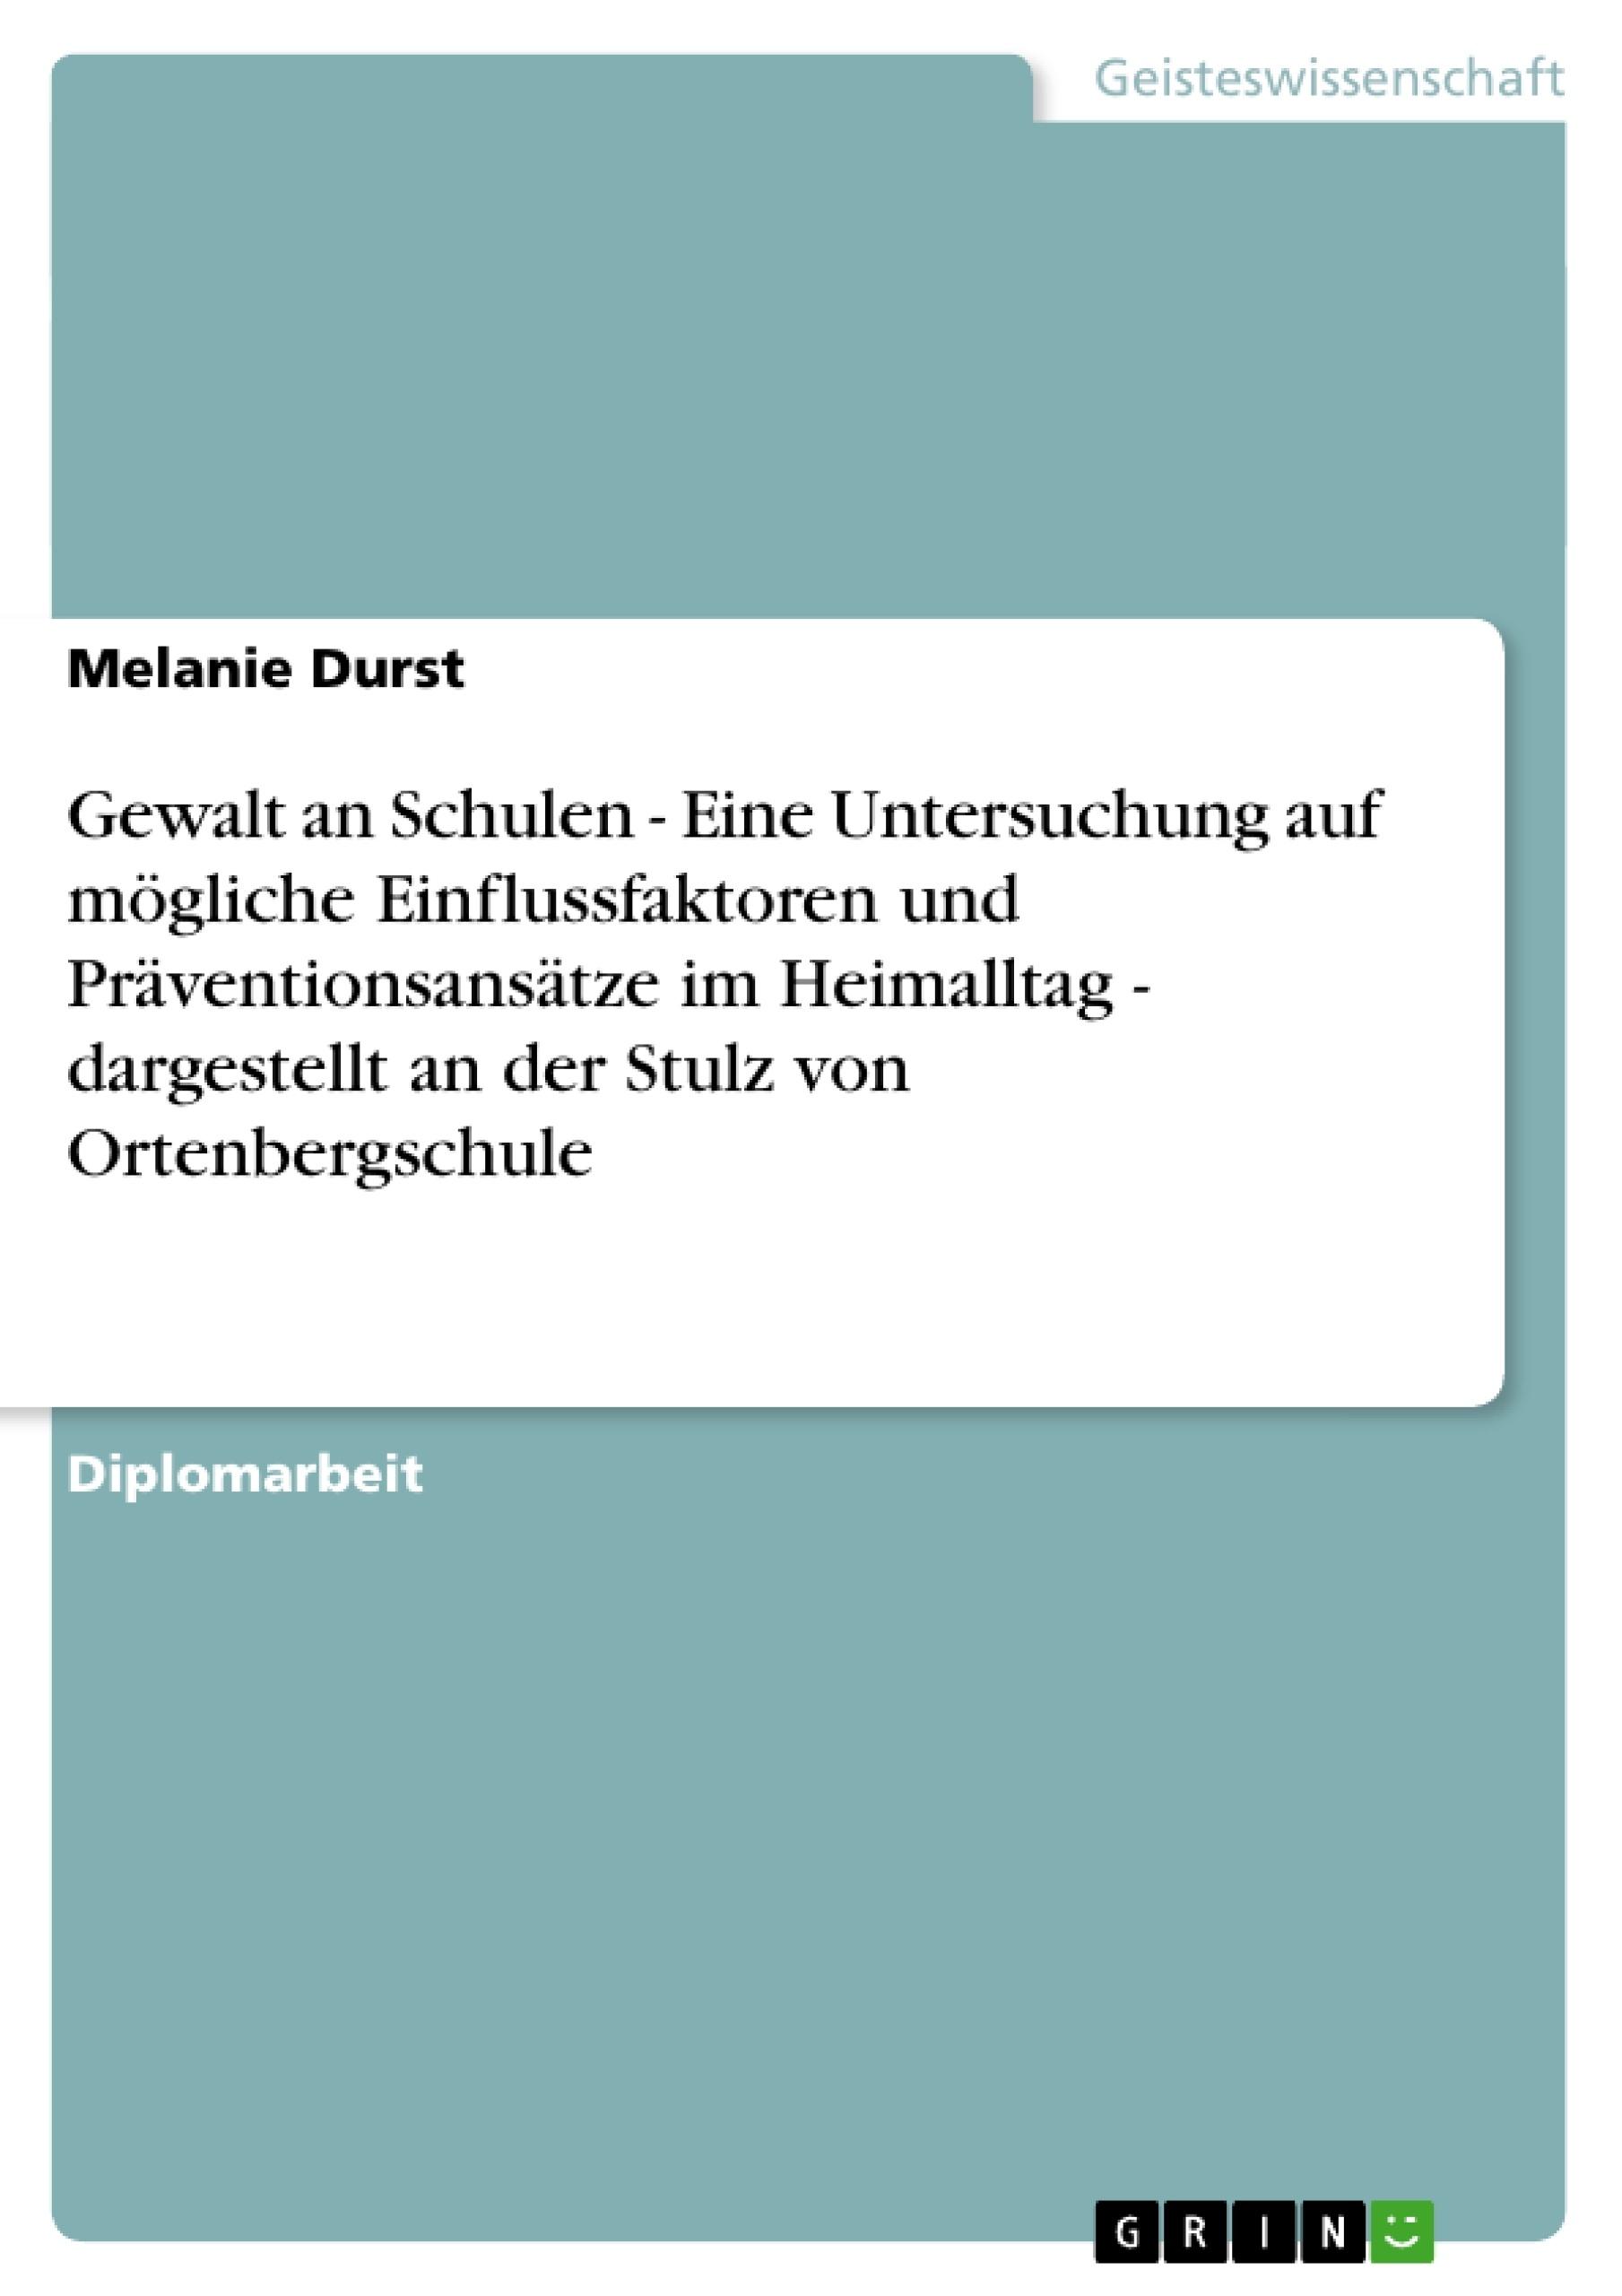 Titel: Gewalt an Schulen - Eine Untersuchung auf mögliche Einflussfaktoren und Präventionsansätze im Heimalltag - dargestellt an der Stulz von Ortenbergschule